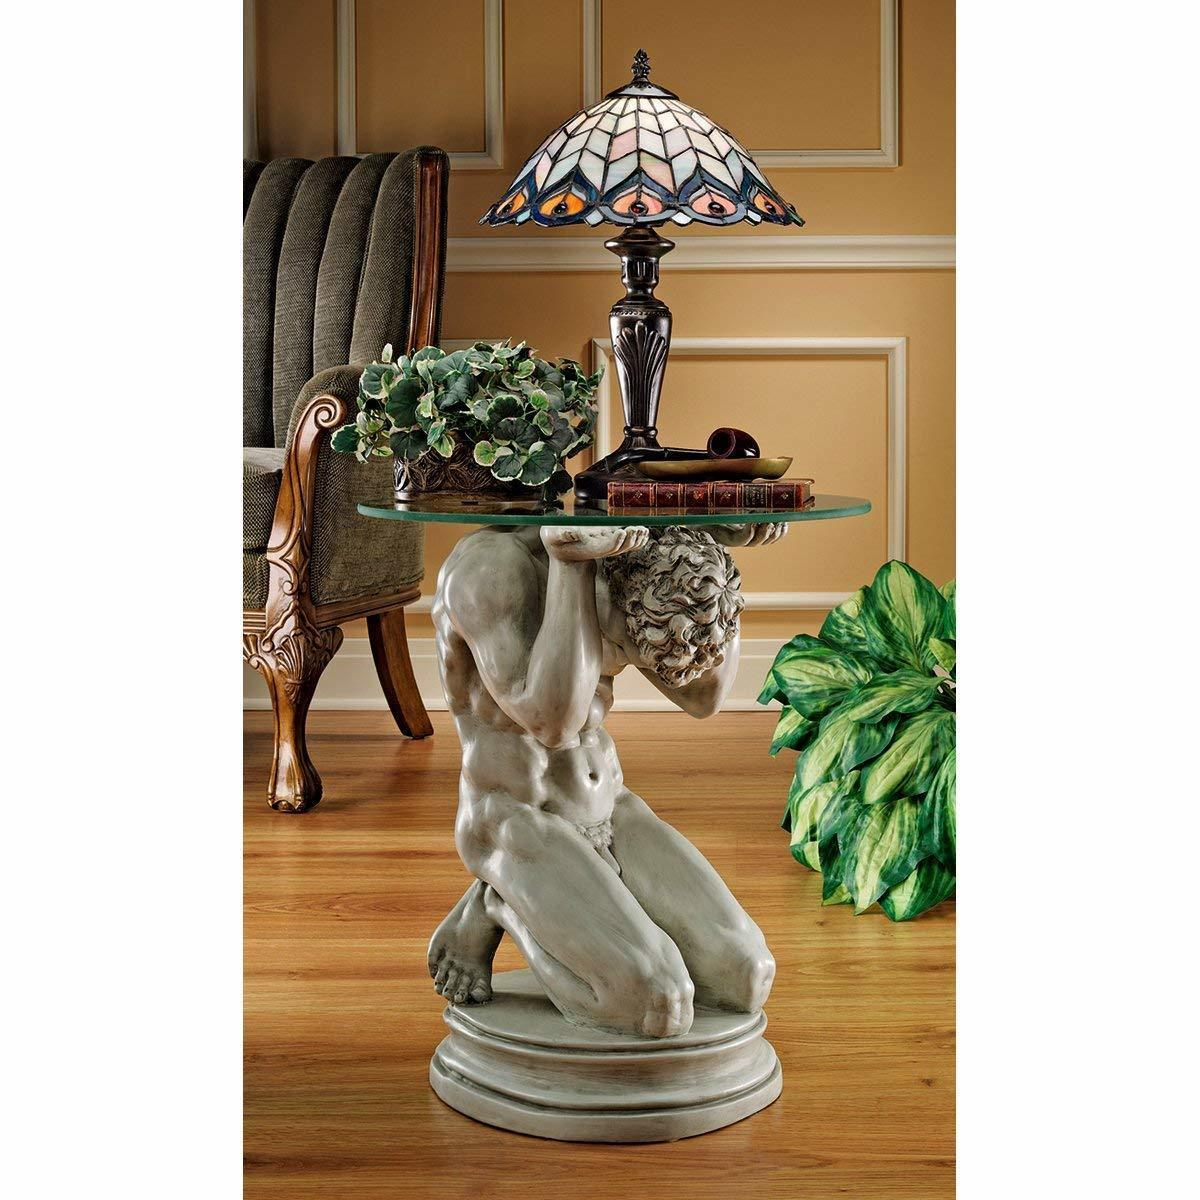 新古典主義の男性ヌード 台座彫刻 ガラステーブル彫像 デザイン・トスカノ製 / Neoclassical Male Occasional Table(輸入品